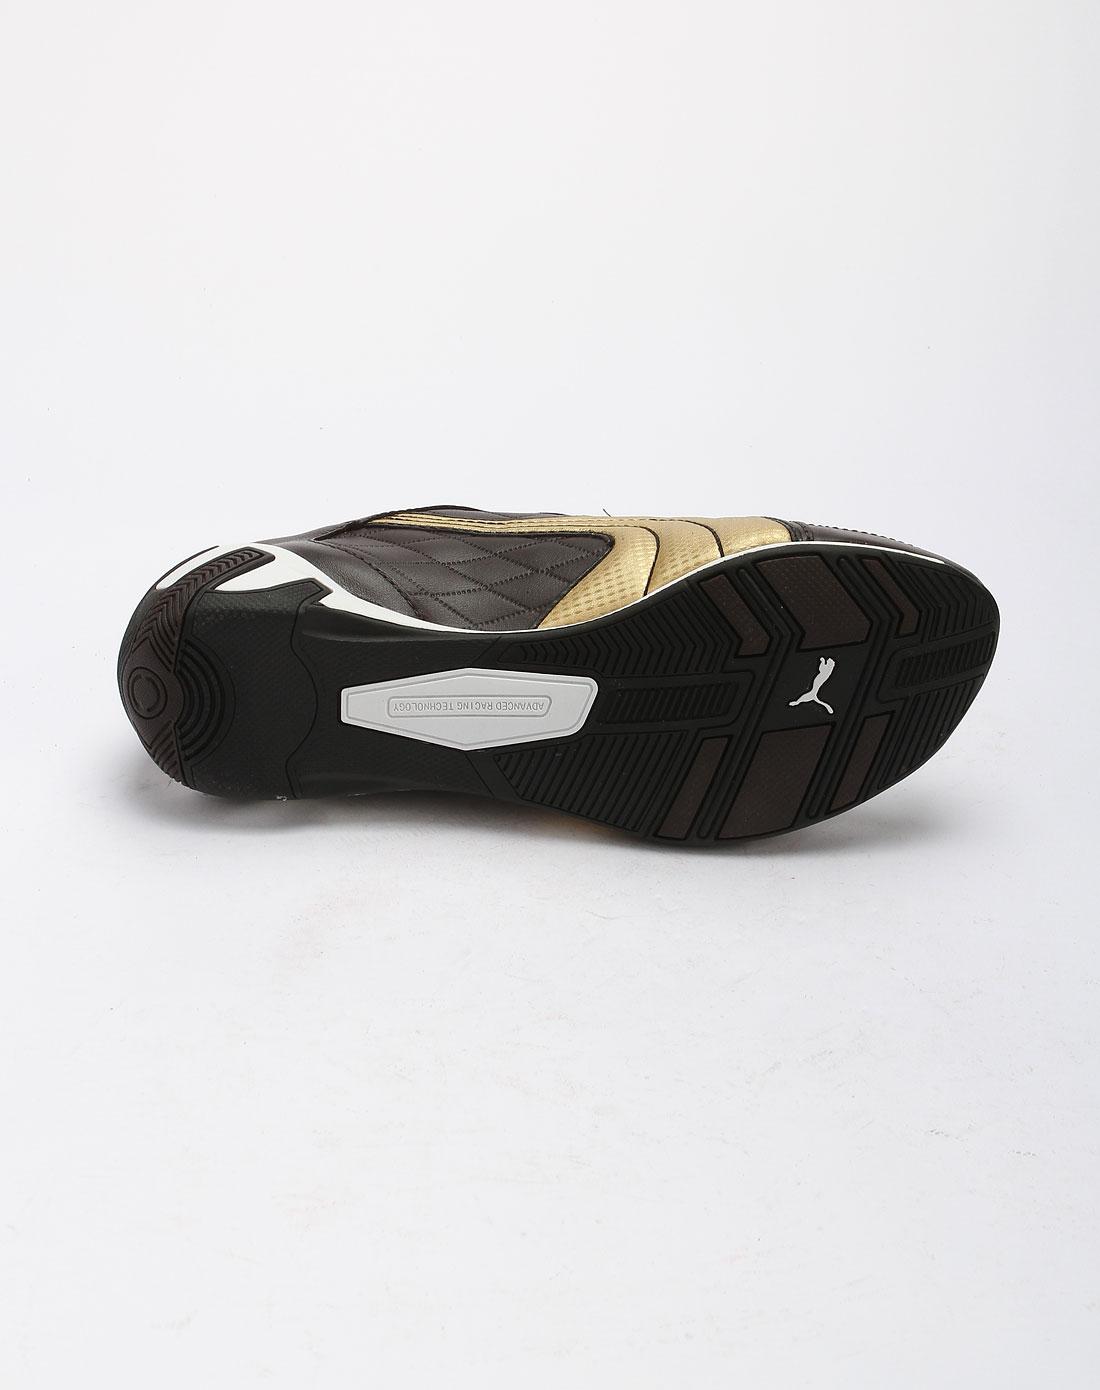 彪马puma深啡金色休闲运动鞋30412102